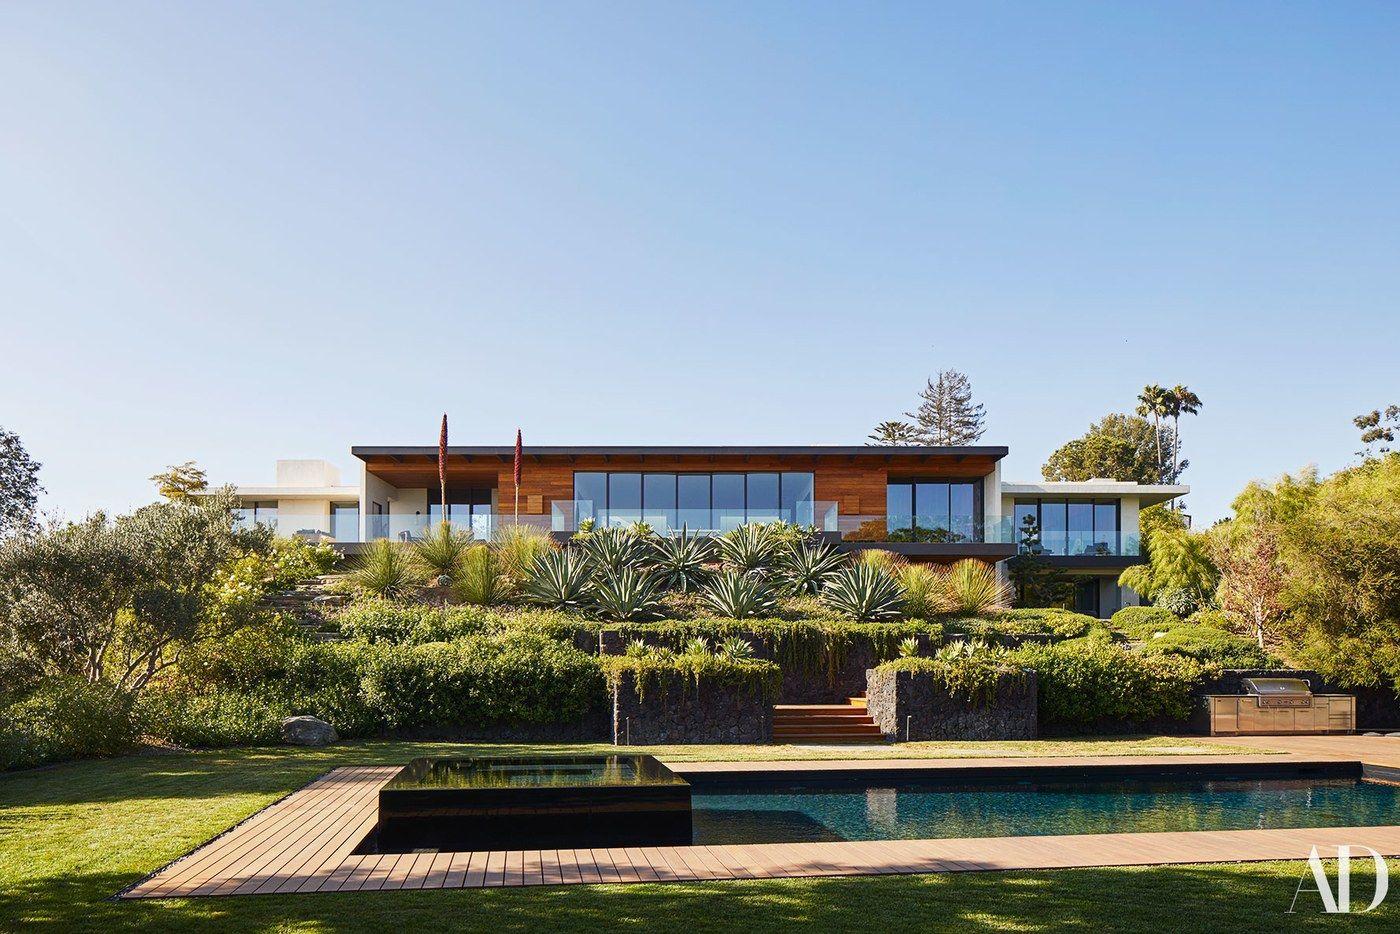 Оце так хороми: Дженніфер Еністон показала свій розкішний дім - фото 368827